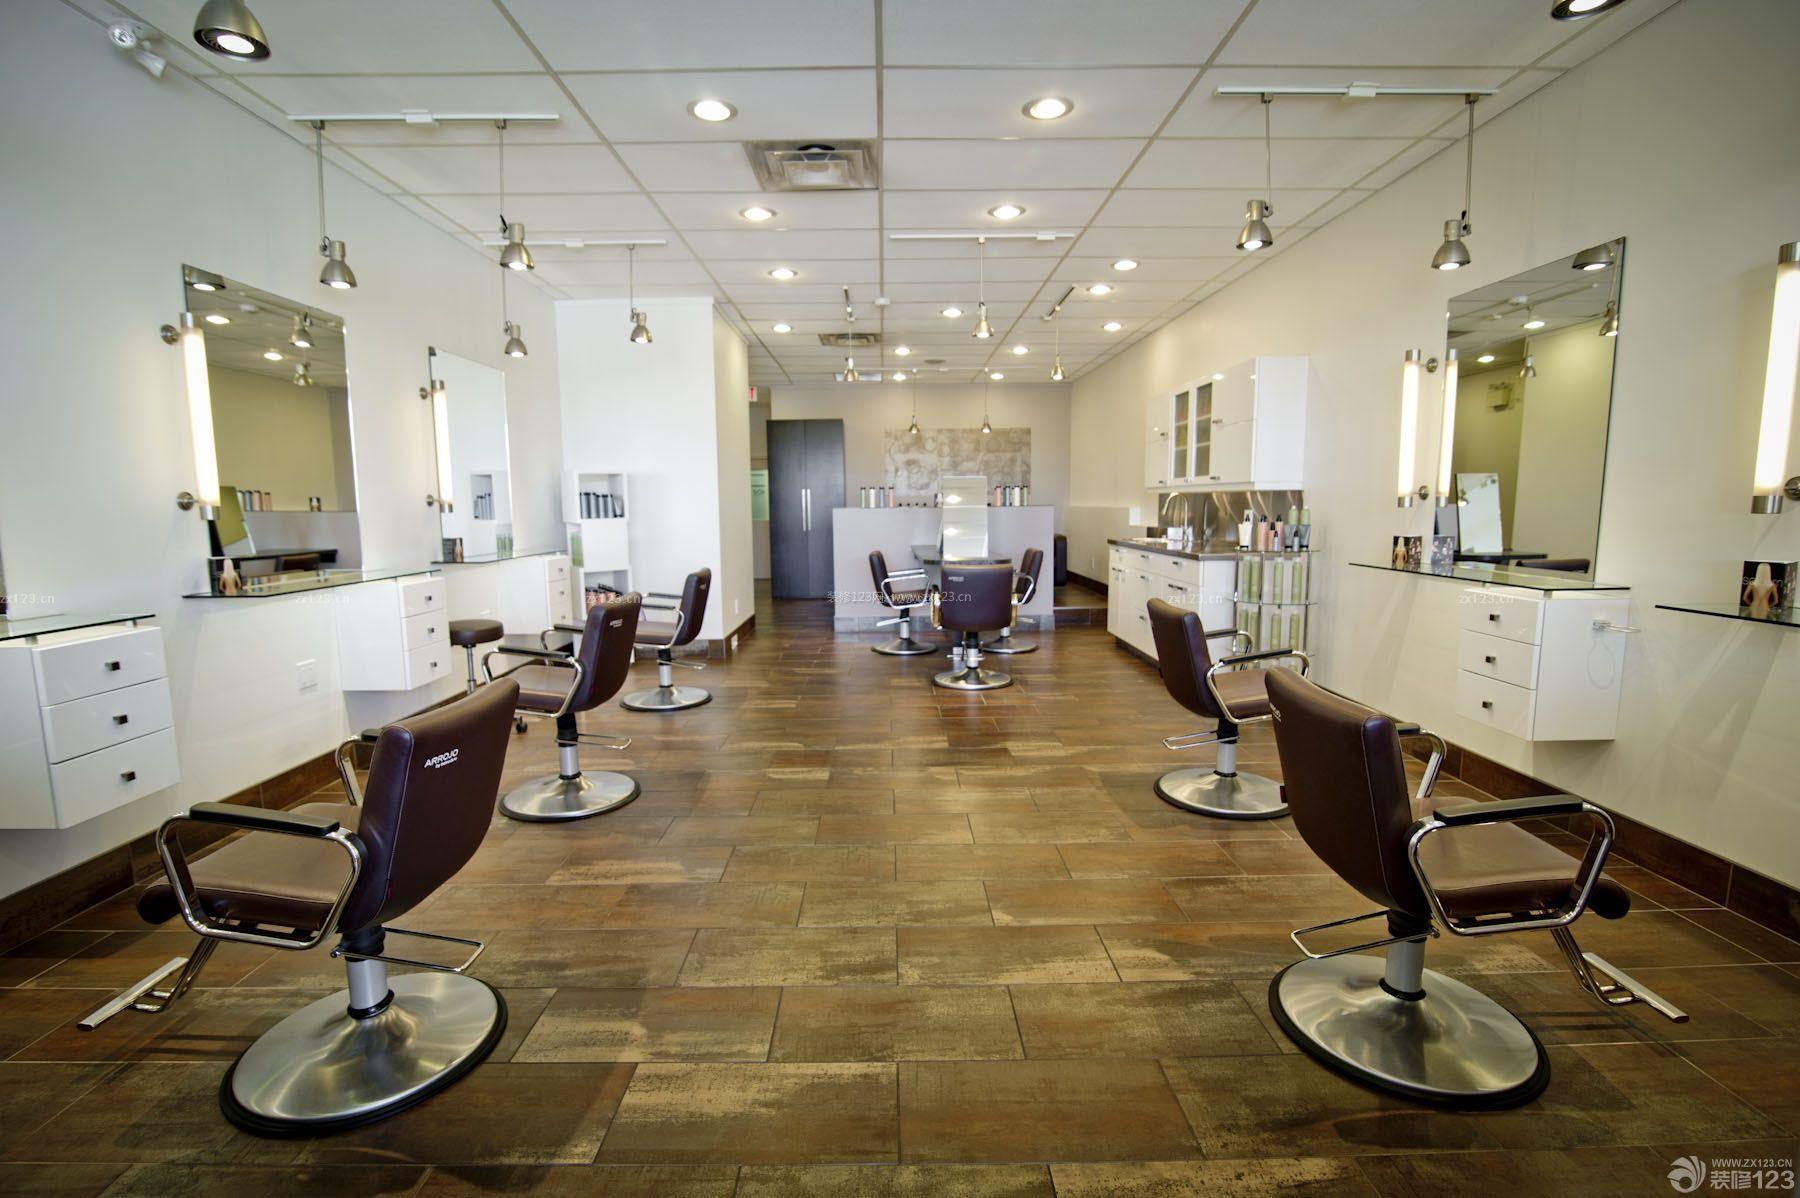 80平方棕色地砖美发店装修效果图图片